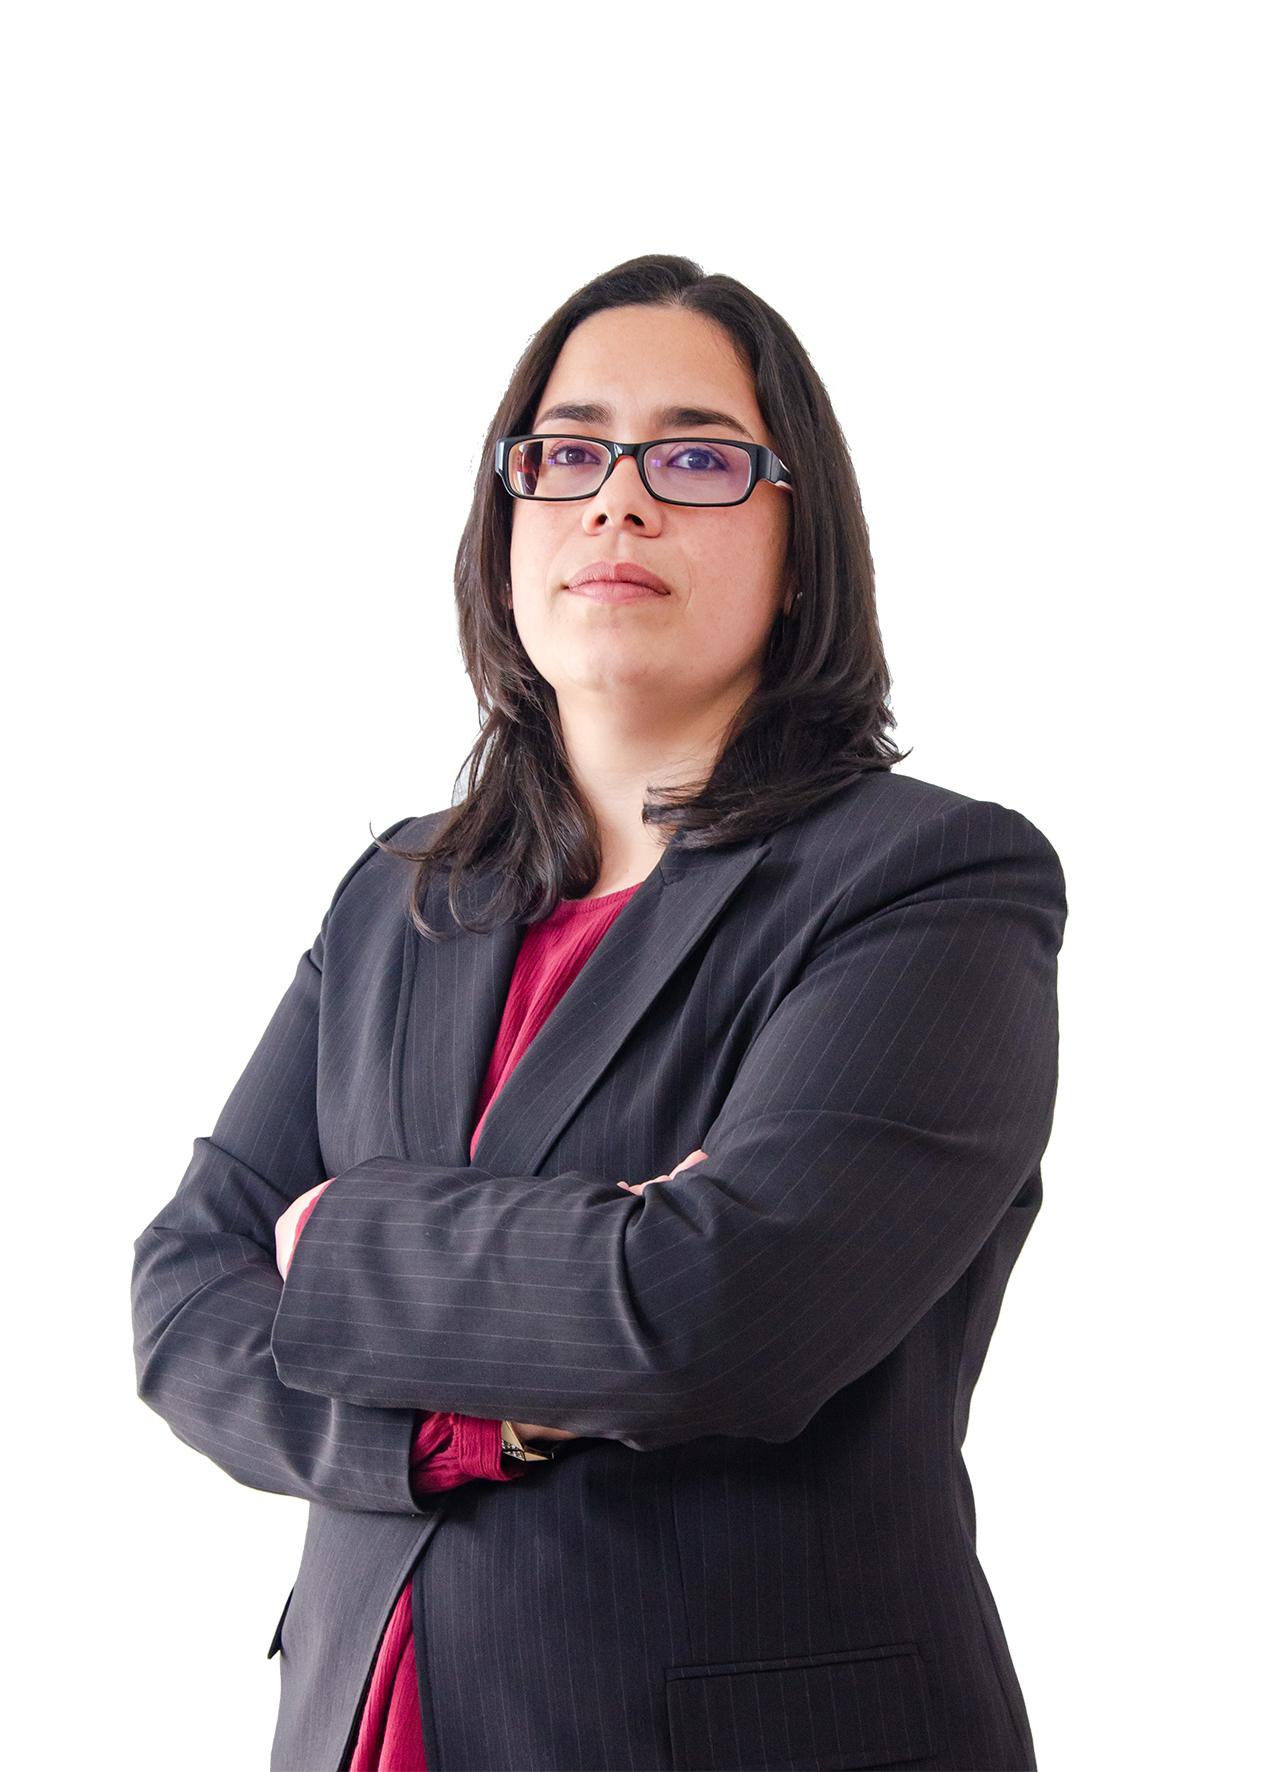 Liliana Rico